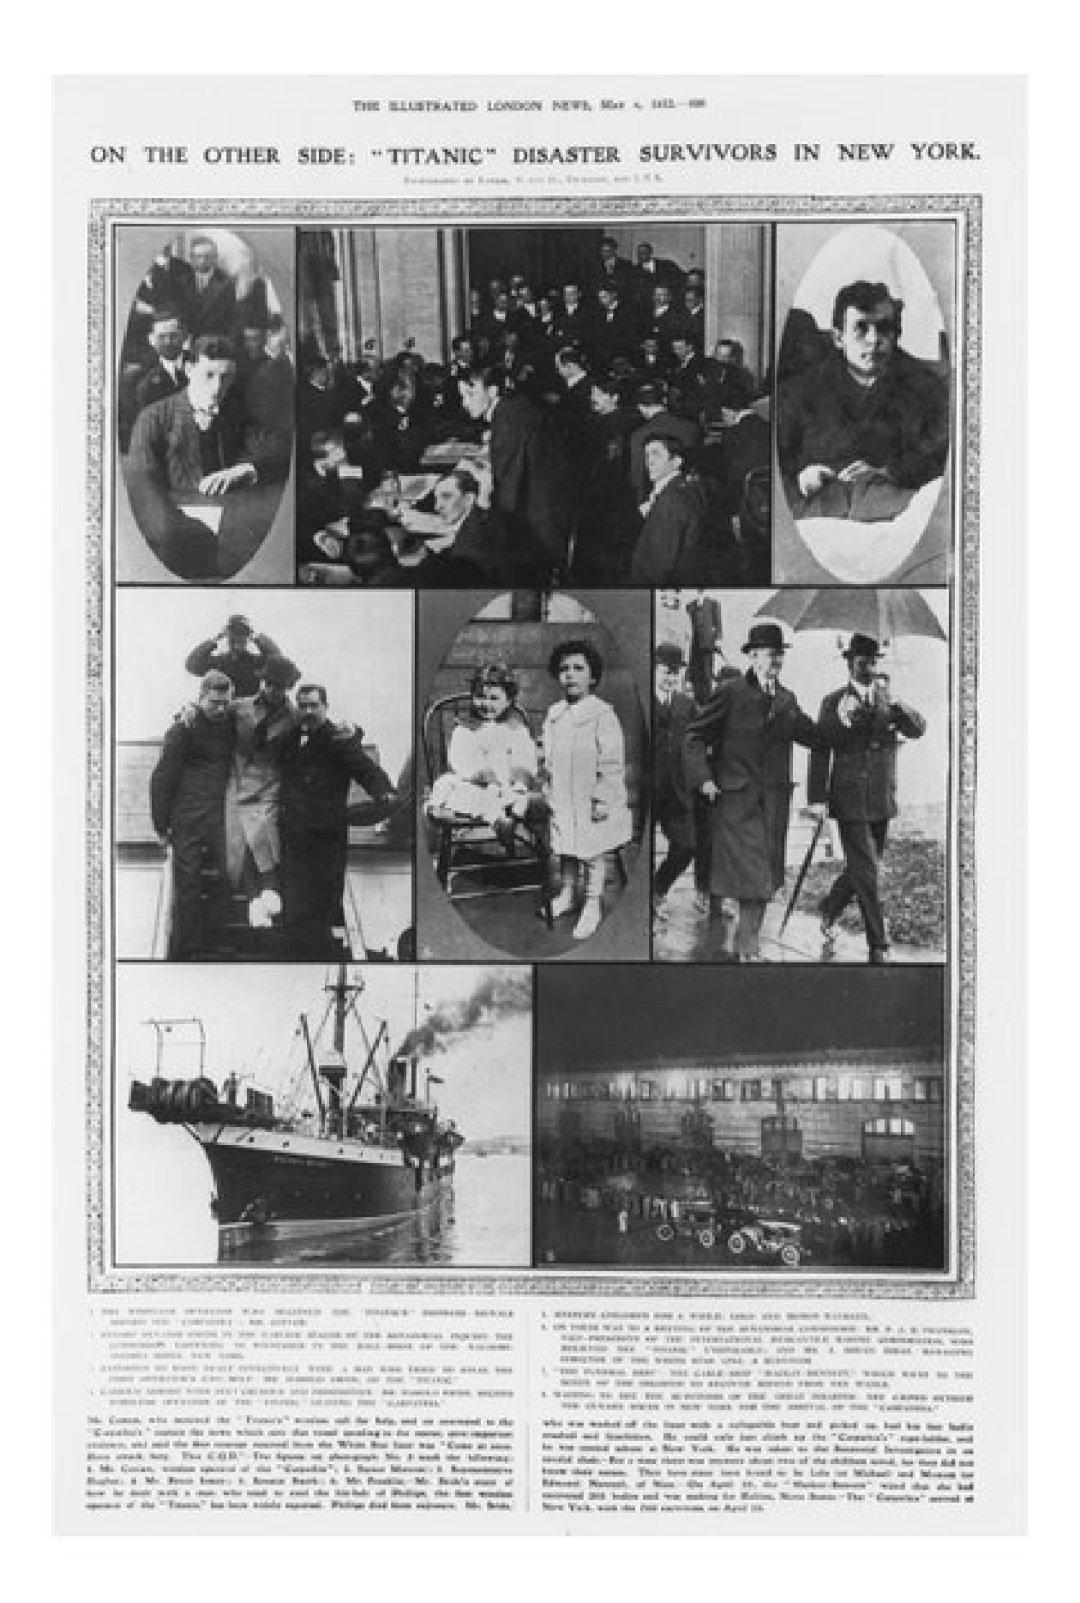 El arribo de los sobrevivientes del hundimiento del Titanic a Nueva York. Entre ellos, los huérfanos Narvatil. Credit: Photo by Granger/Shutterstock